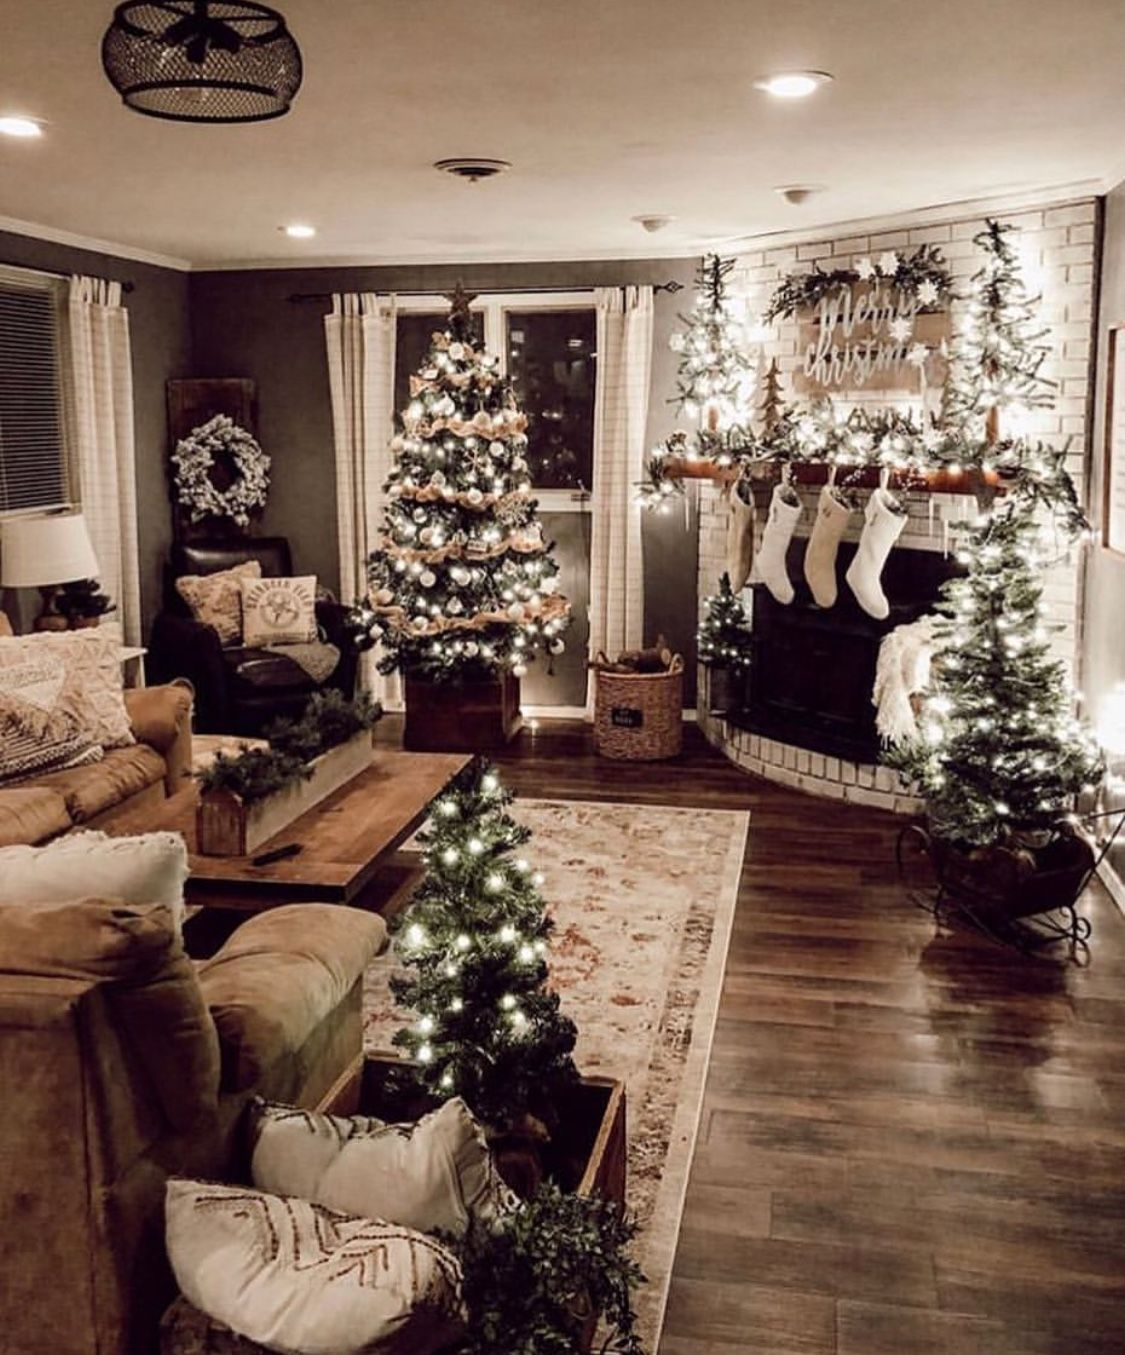 Pin By Kerrin Raybon On Christmas Christmas Room Christmas Home